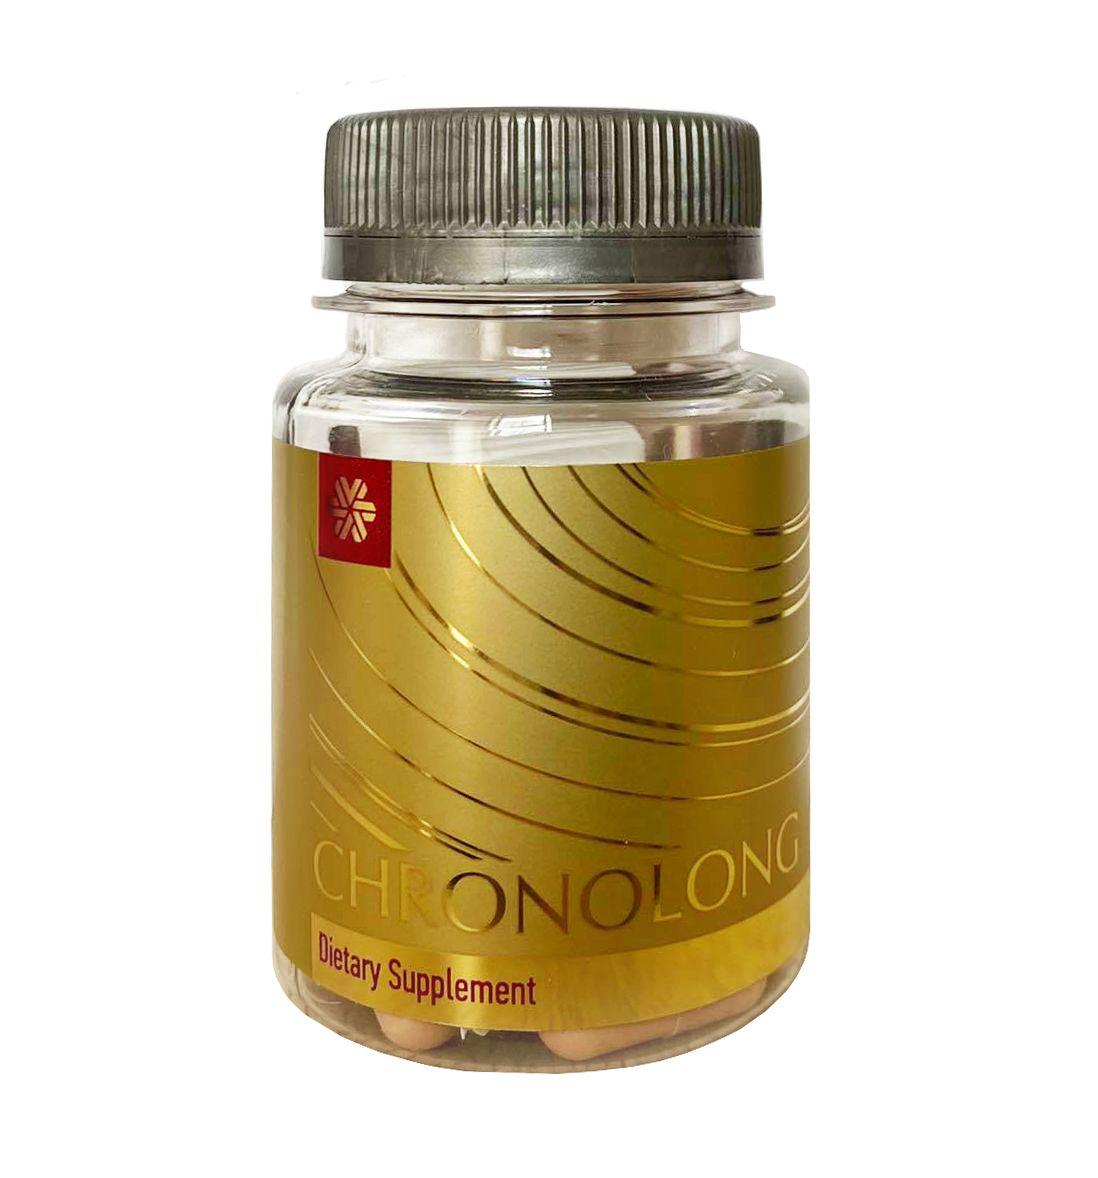 Chronolong - Viên uống hỗ trợ tăng cường sinh lý, nội tiết cho nữ